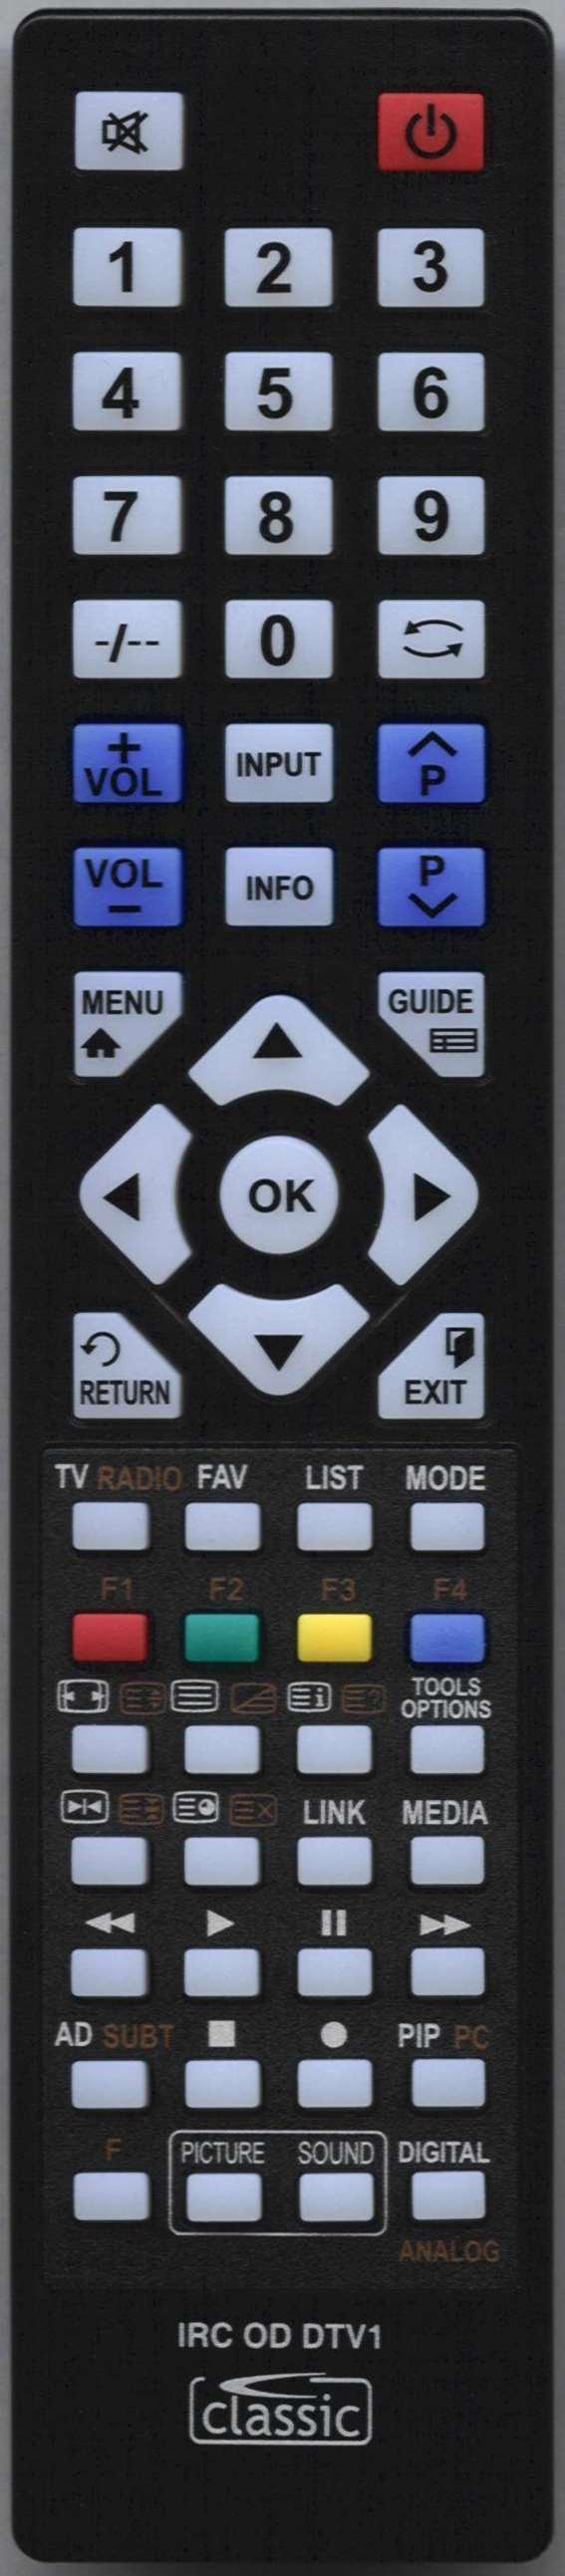 LUXOR LUXC0132002/01 Remote Control Alternative